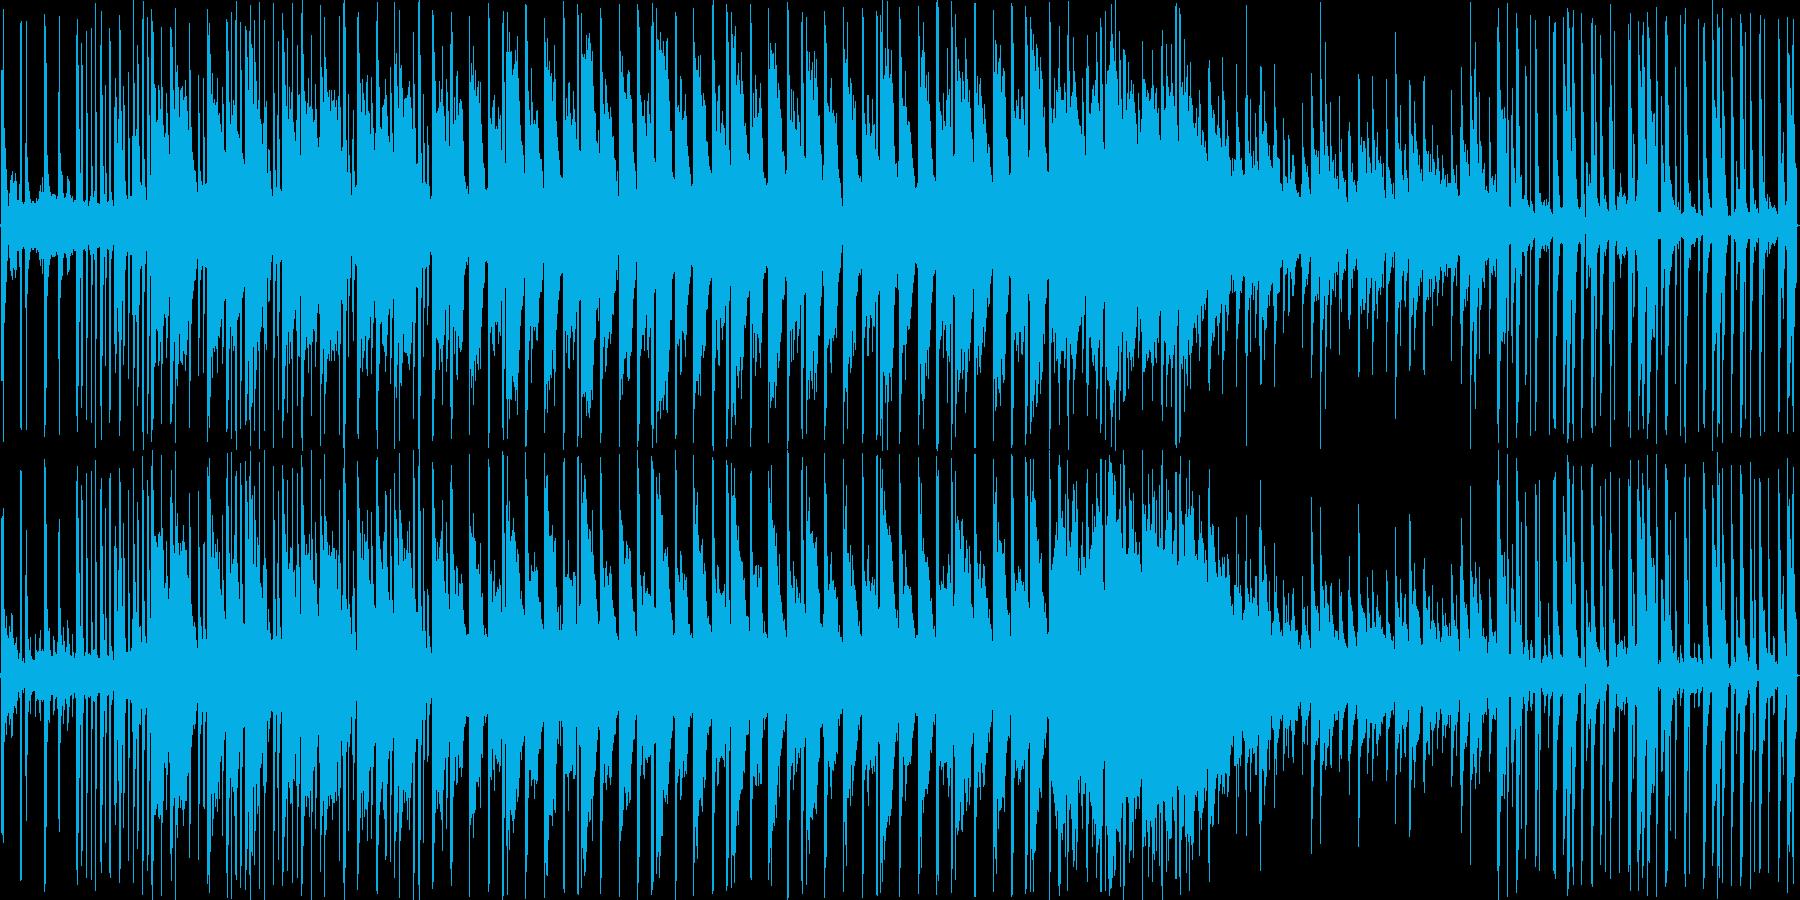 アンビエント+テクノみたいな曲調です。の再生済みの波形